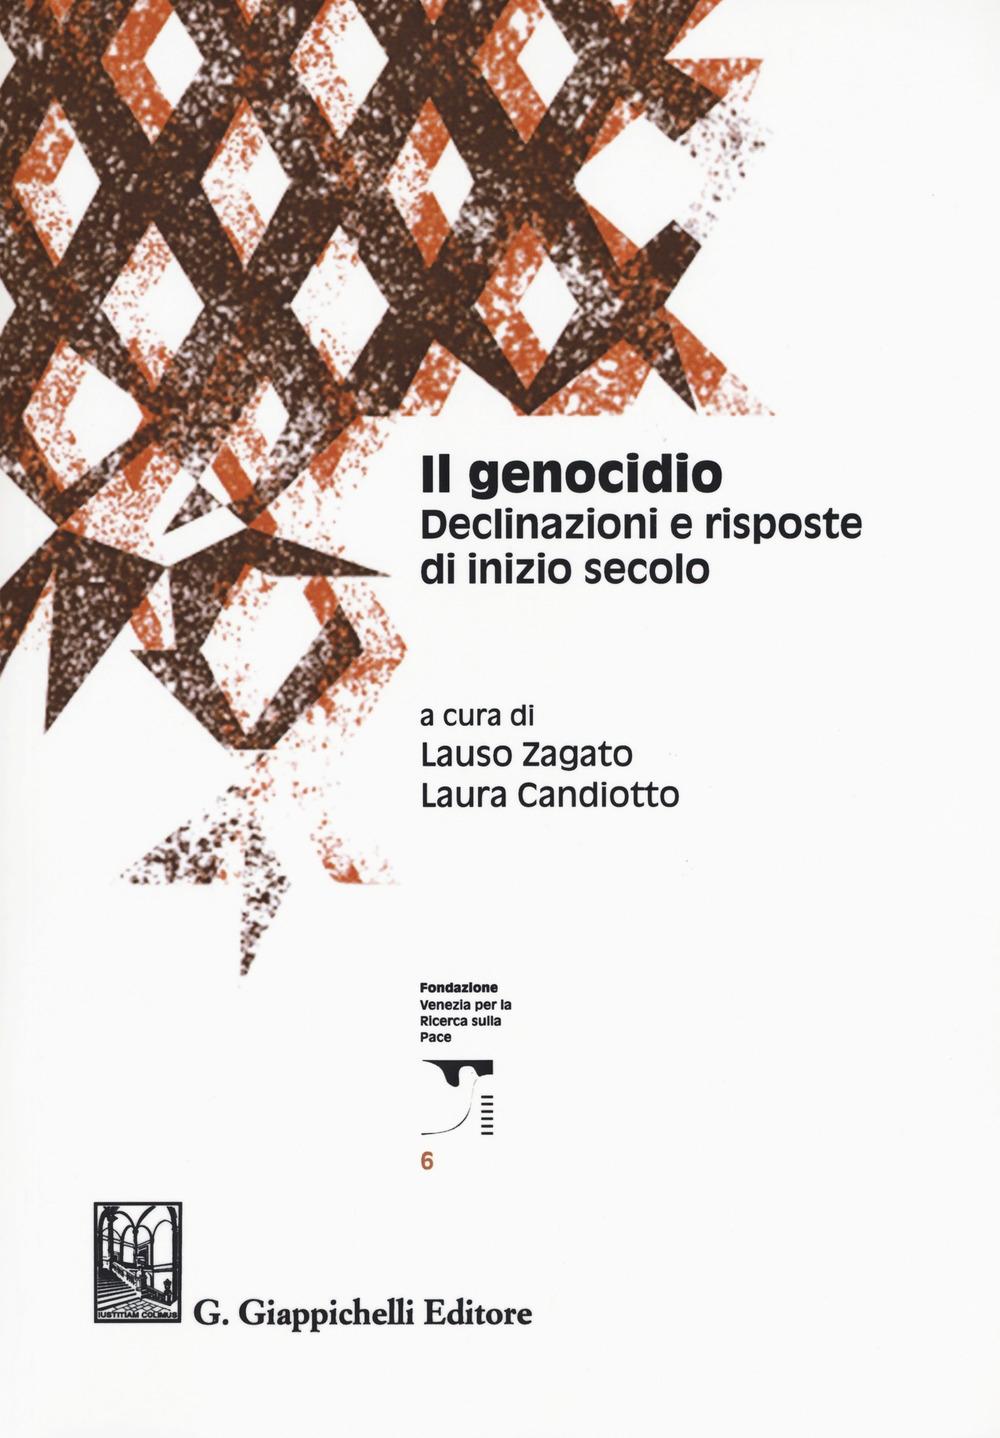 Il genocidio. Declinazioni e risposte di inizio secolo